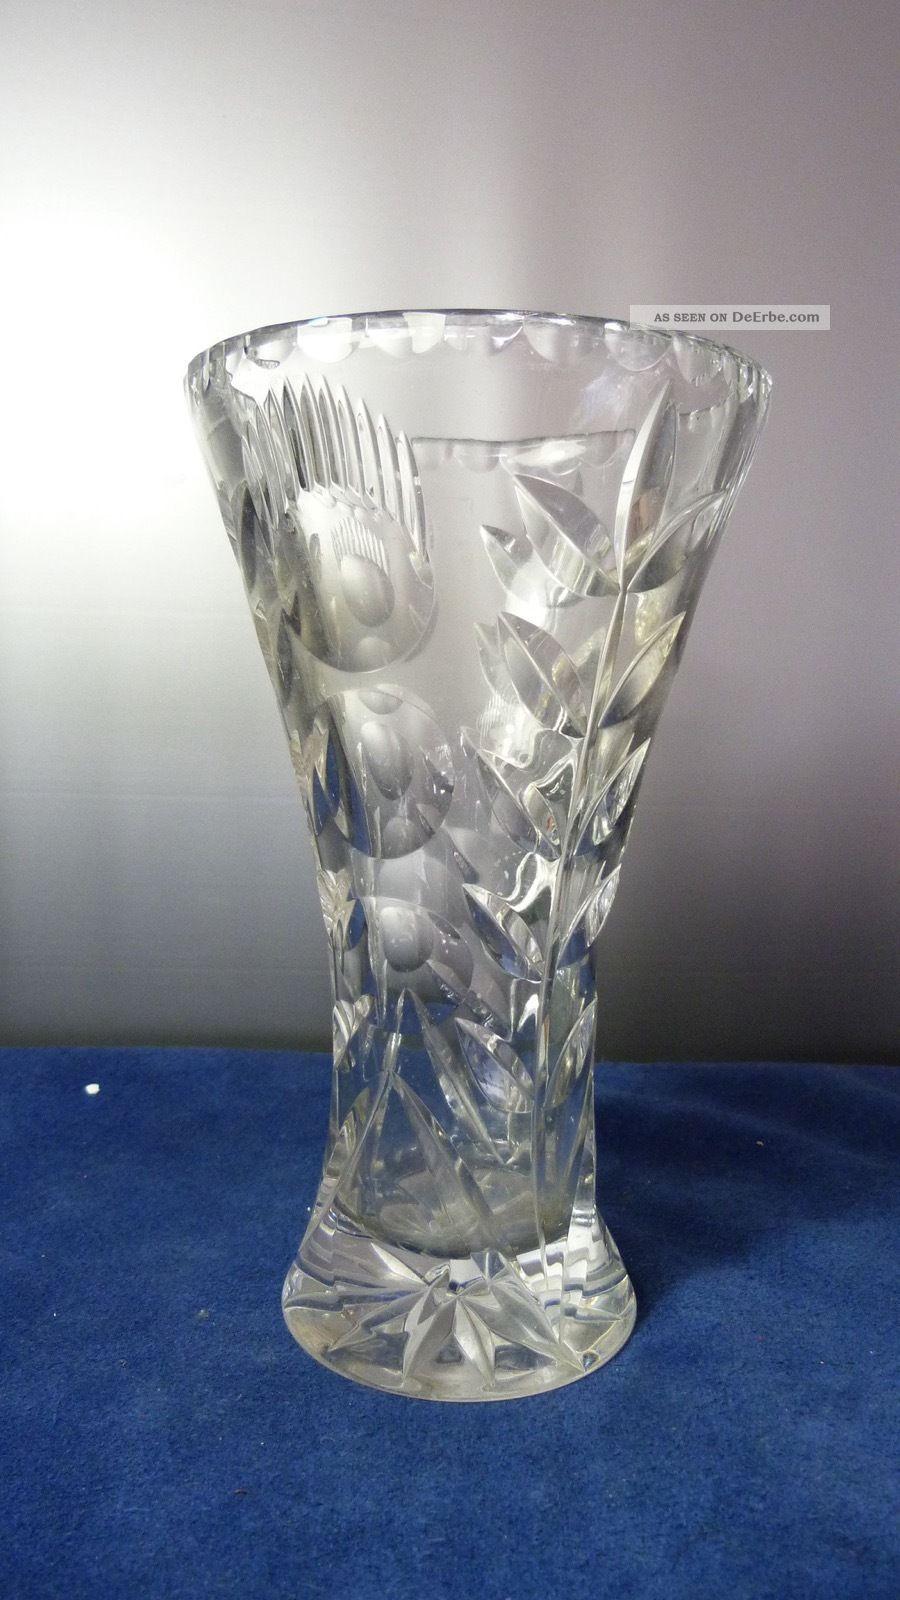 Alte Kristallglas Vase Germany - H 22,  0 X Dm 13,  0 Cm - Und Sehr Edel N1 Kristall Bild